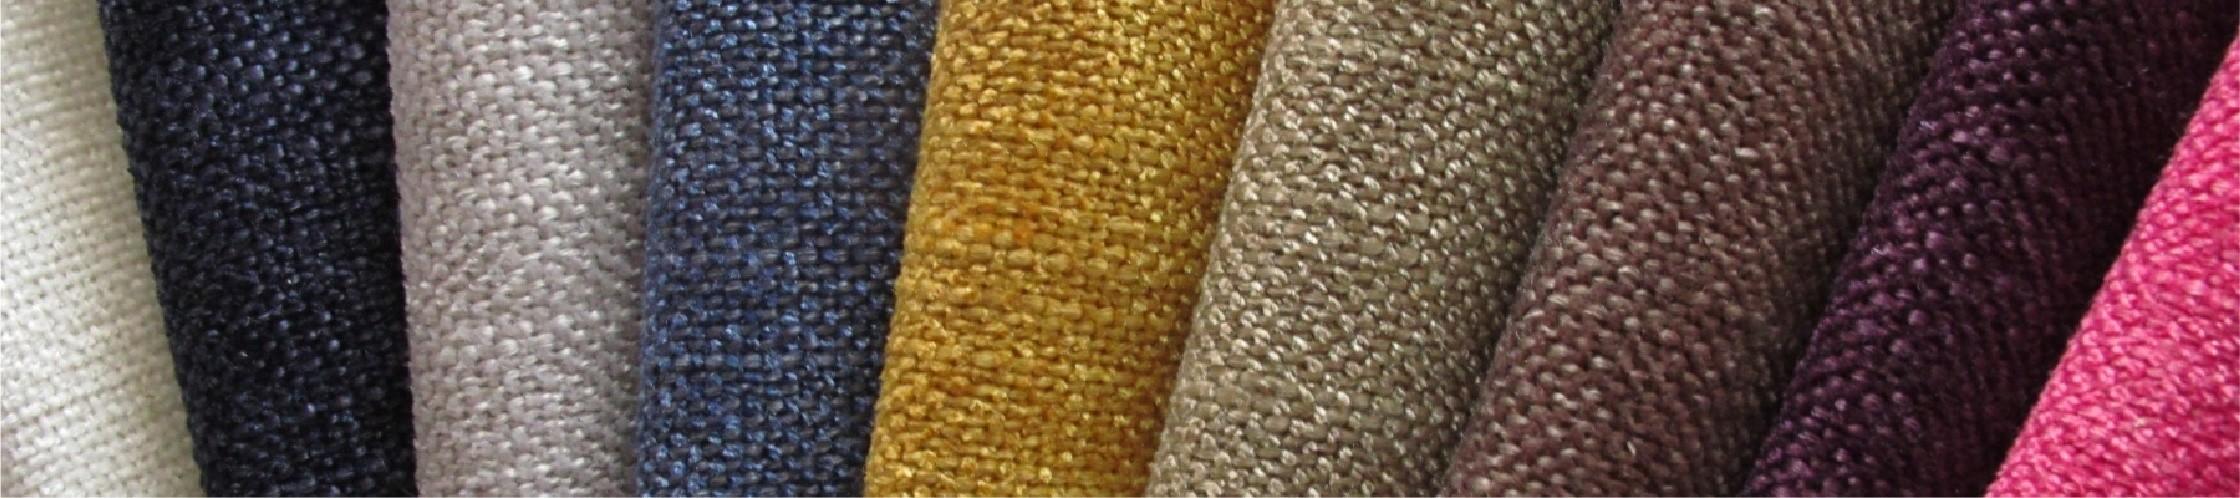 Виды ткани для обивки дивана: сравнительная характеристика